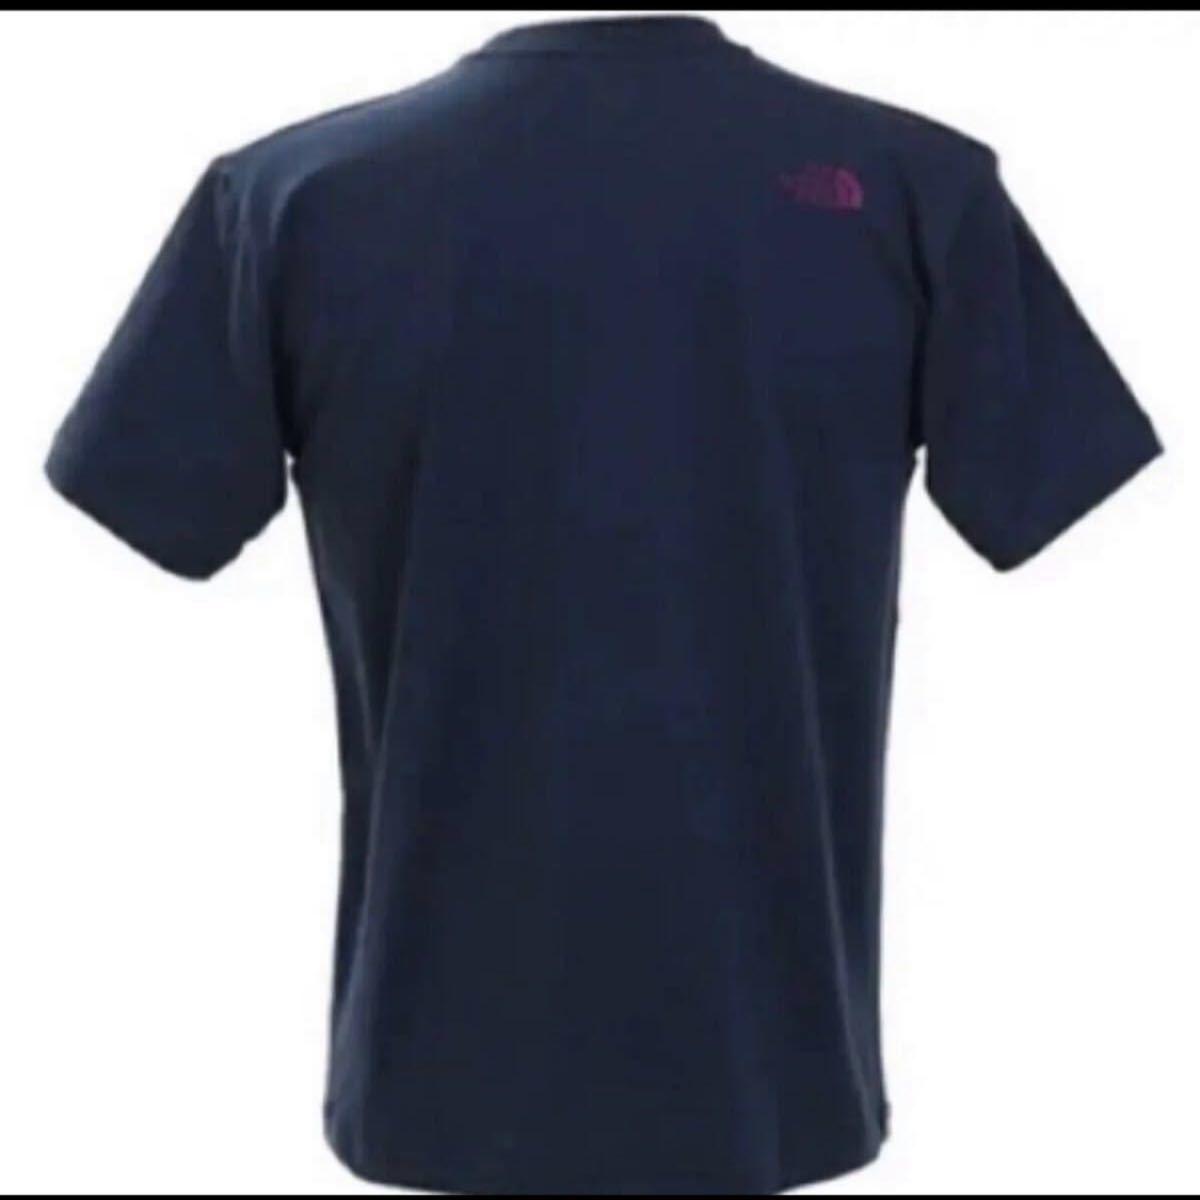 THE NORTH FACE  半袖Tシャツ  M